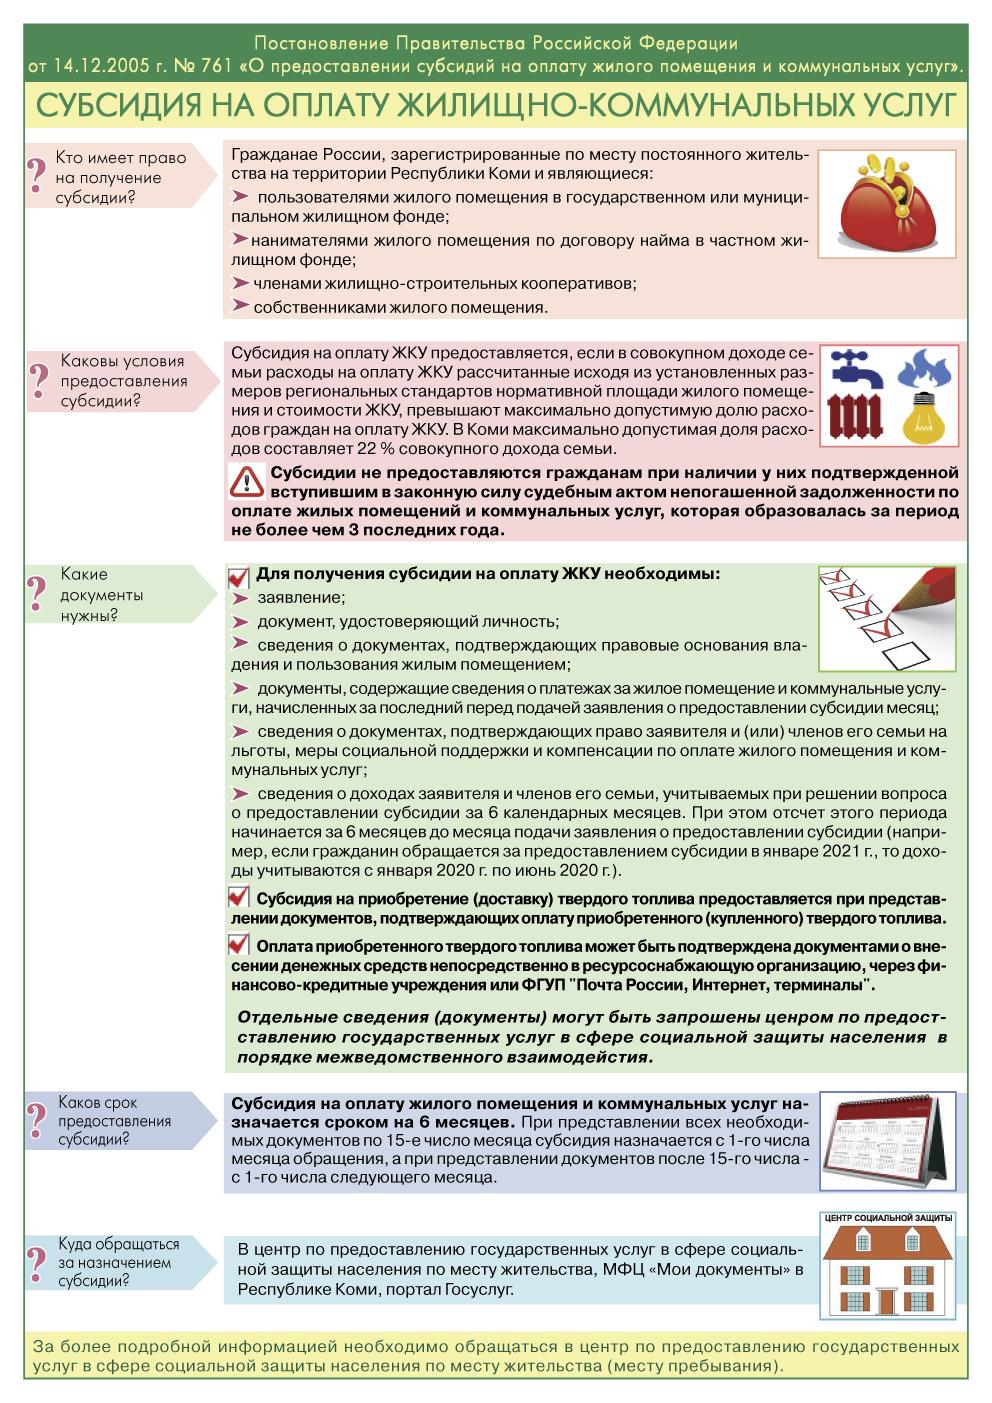 Subsidiya-na-GhKU_01.01.2021.jpg